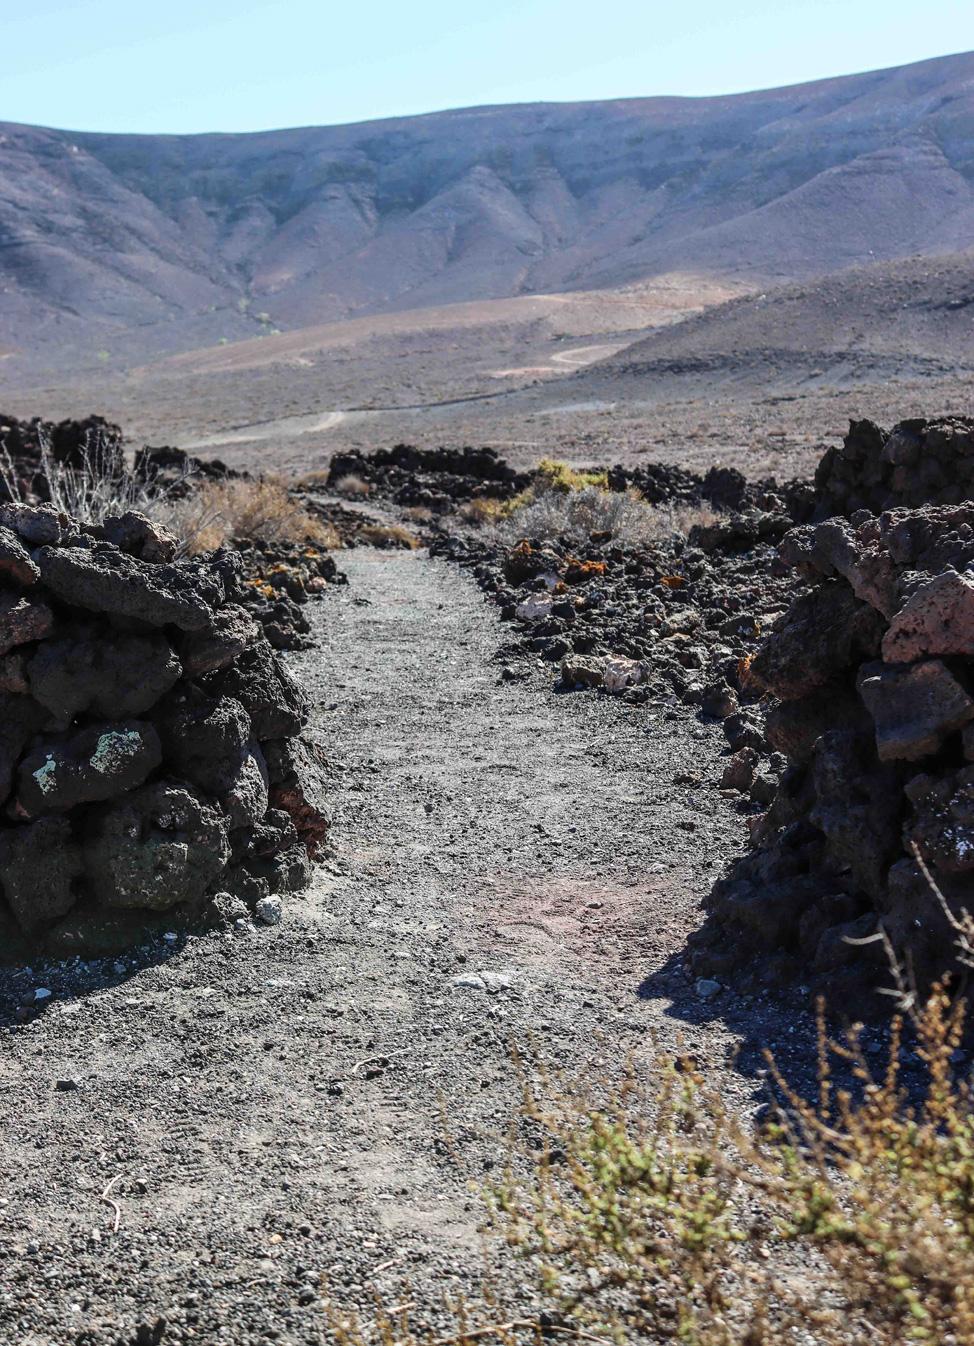 Centro de Interpretación Poblado de La Atalayita | Macaronesia Fuerteventura